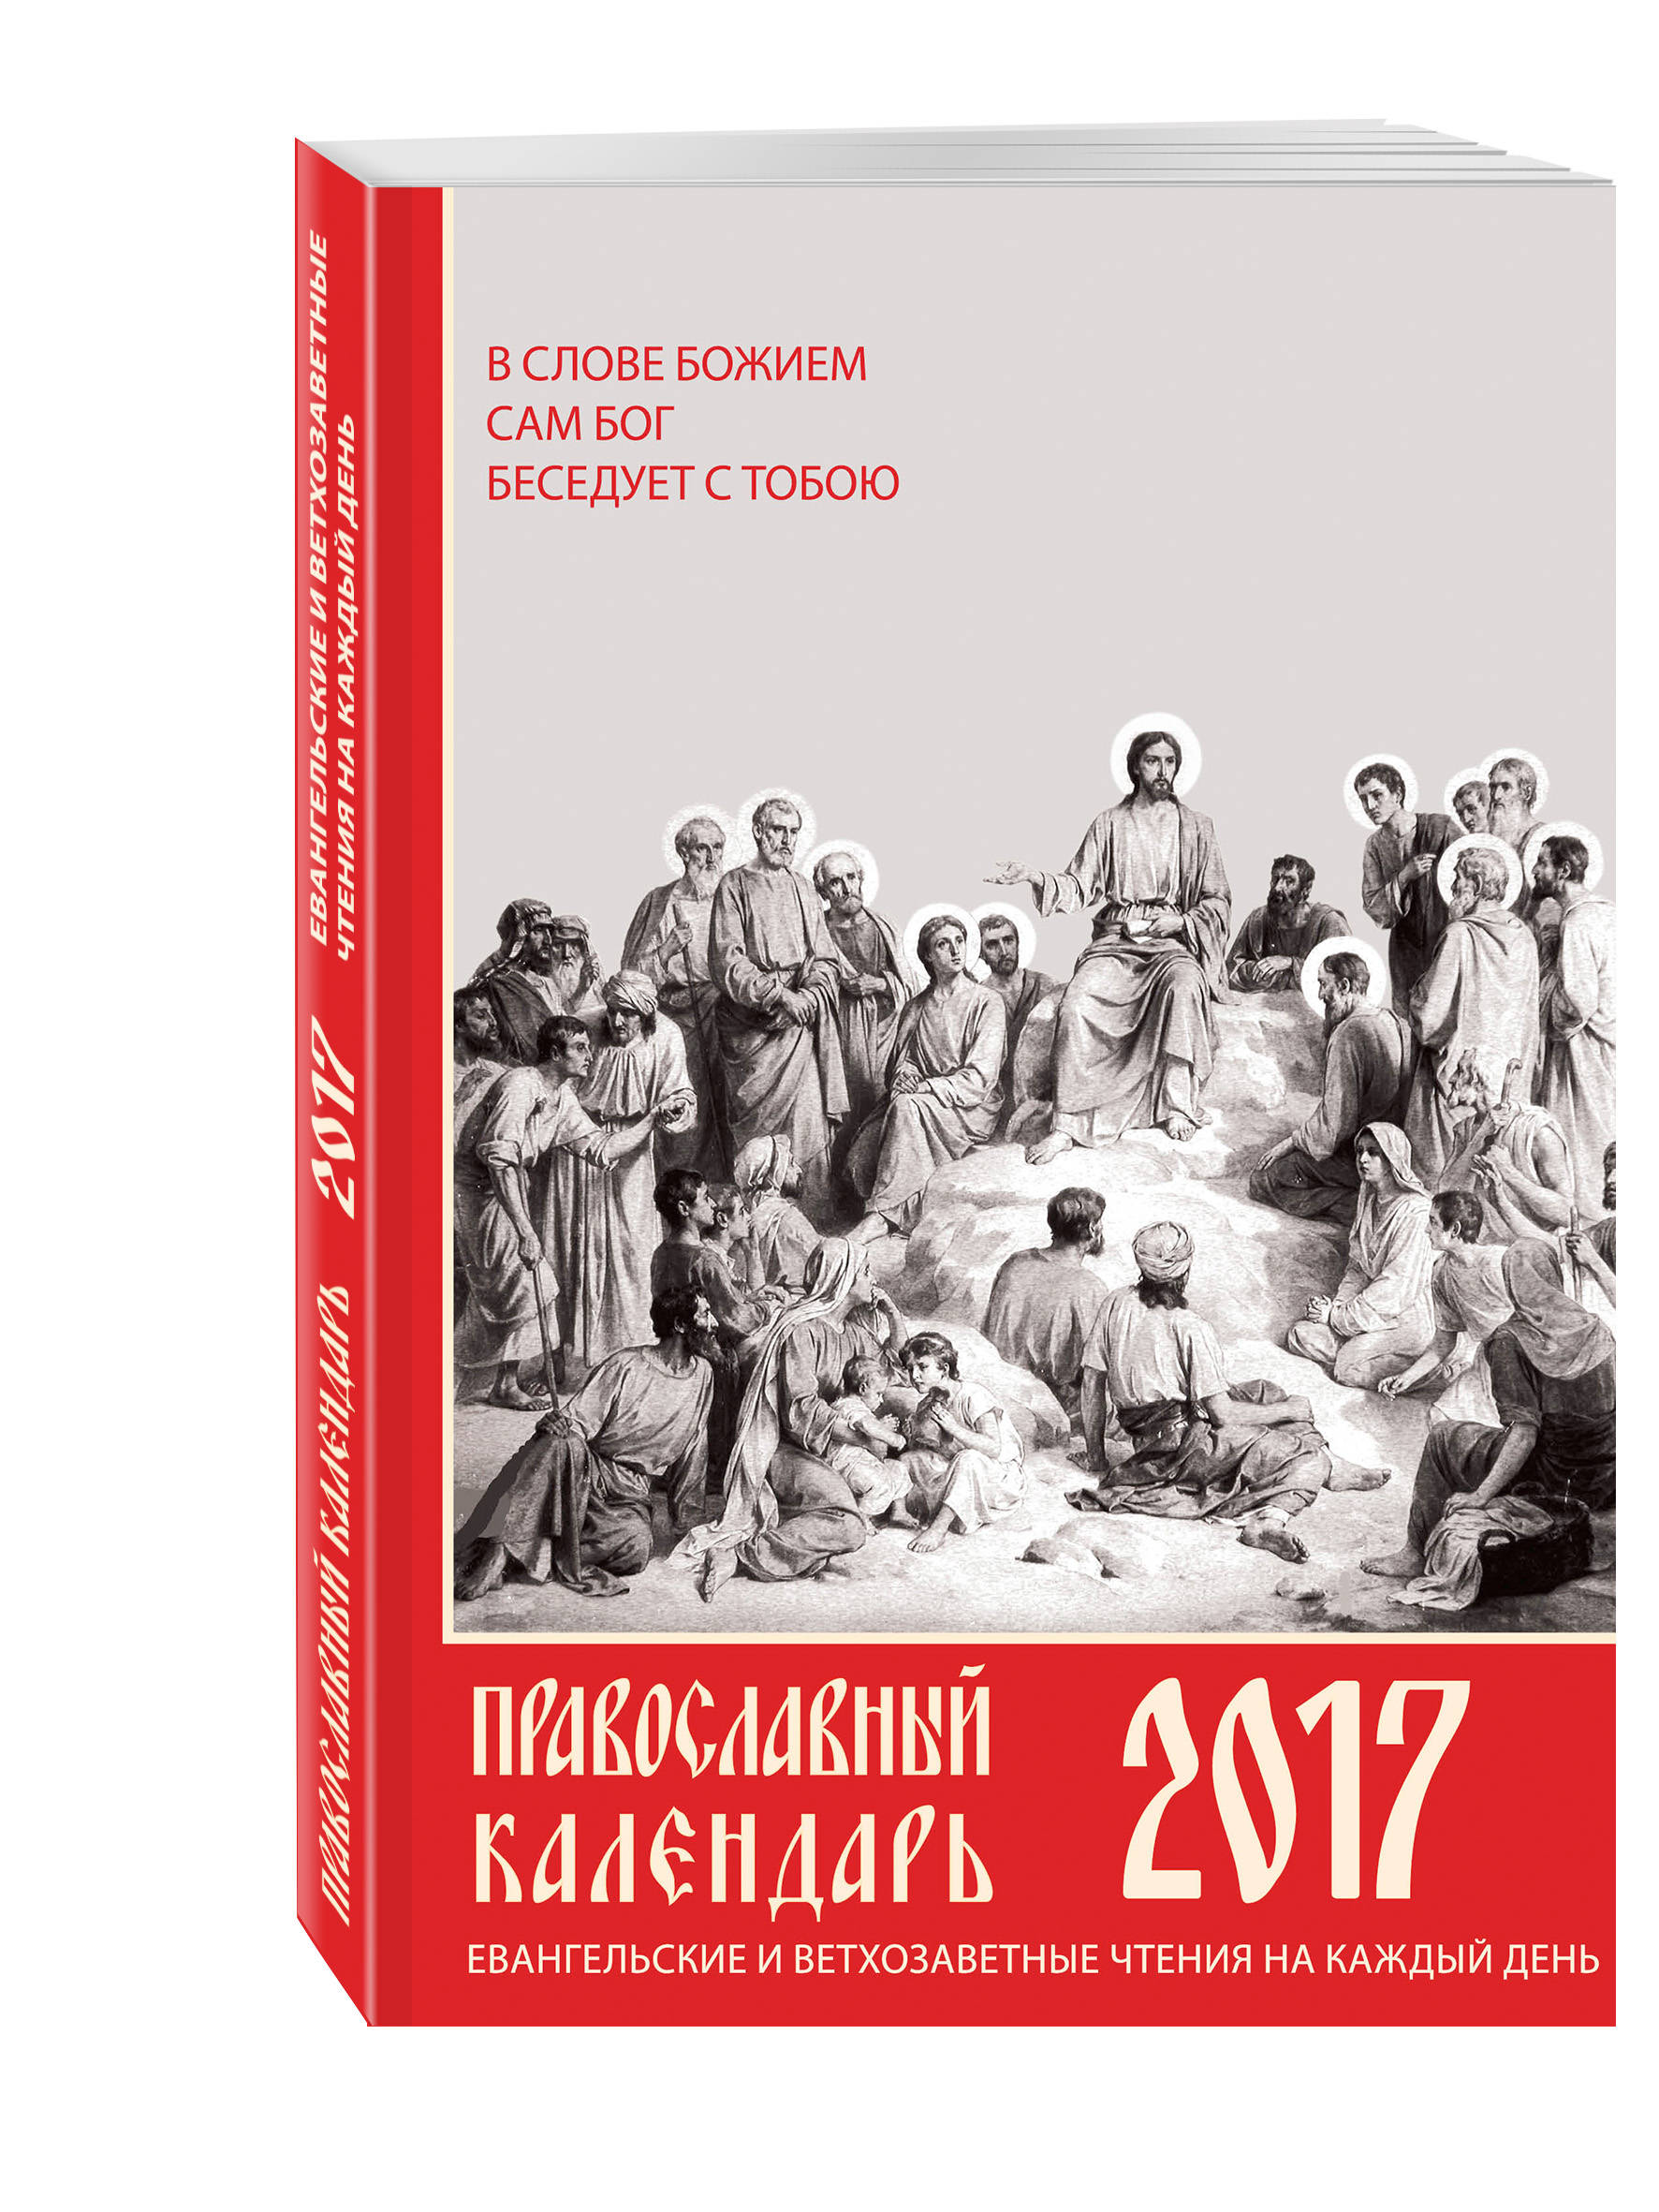 Евангельские и ветхозаветные чтения на каждый день. Православный календарь на 2017 год виноградов и переск священная история ветхого завета в шедеврах мирового искусства